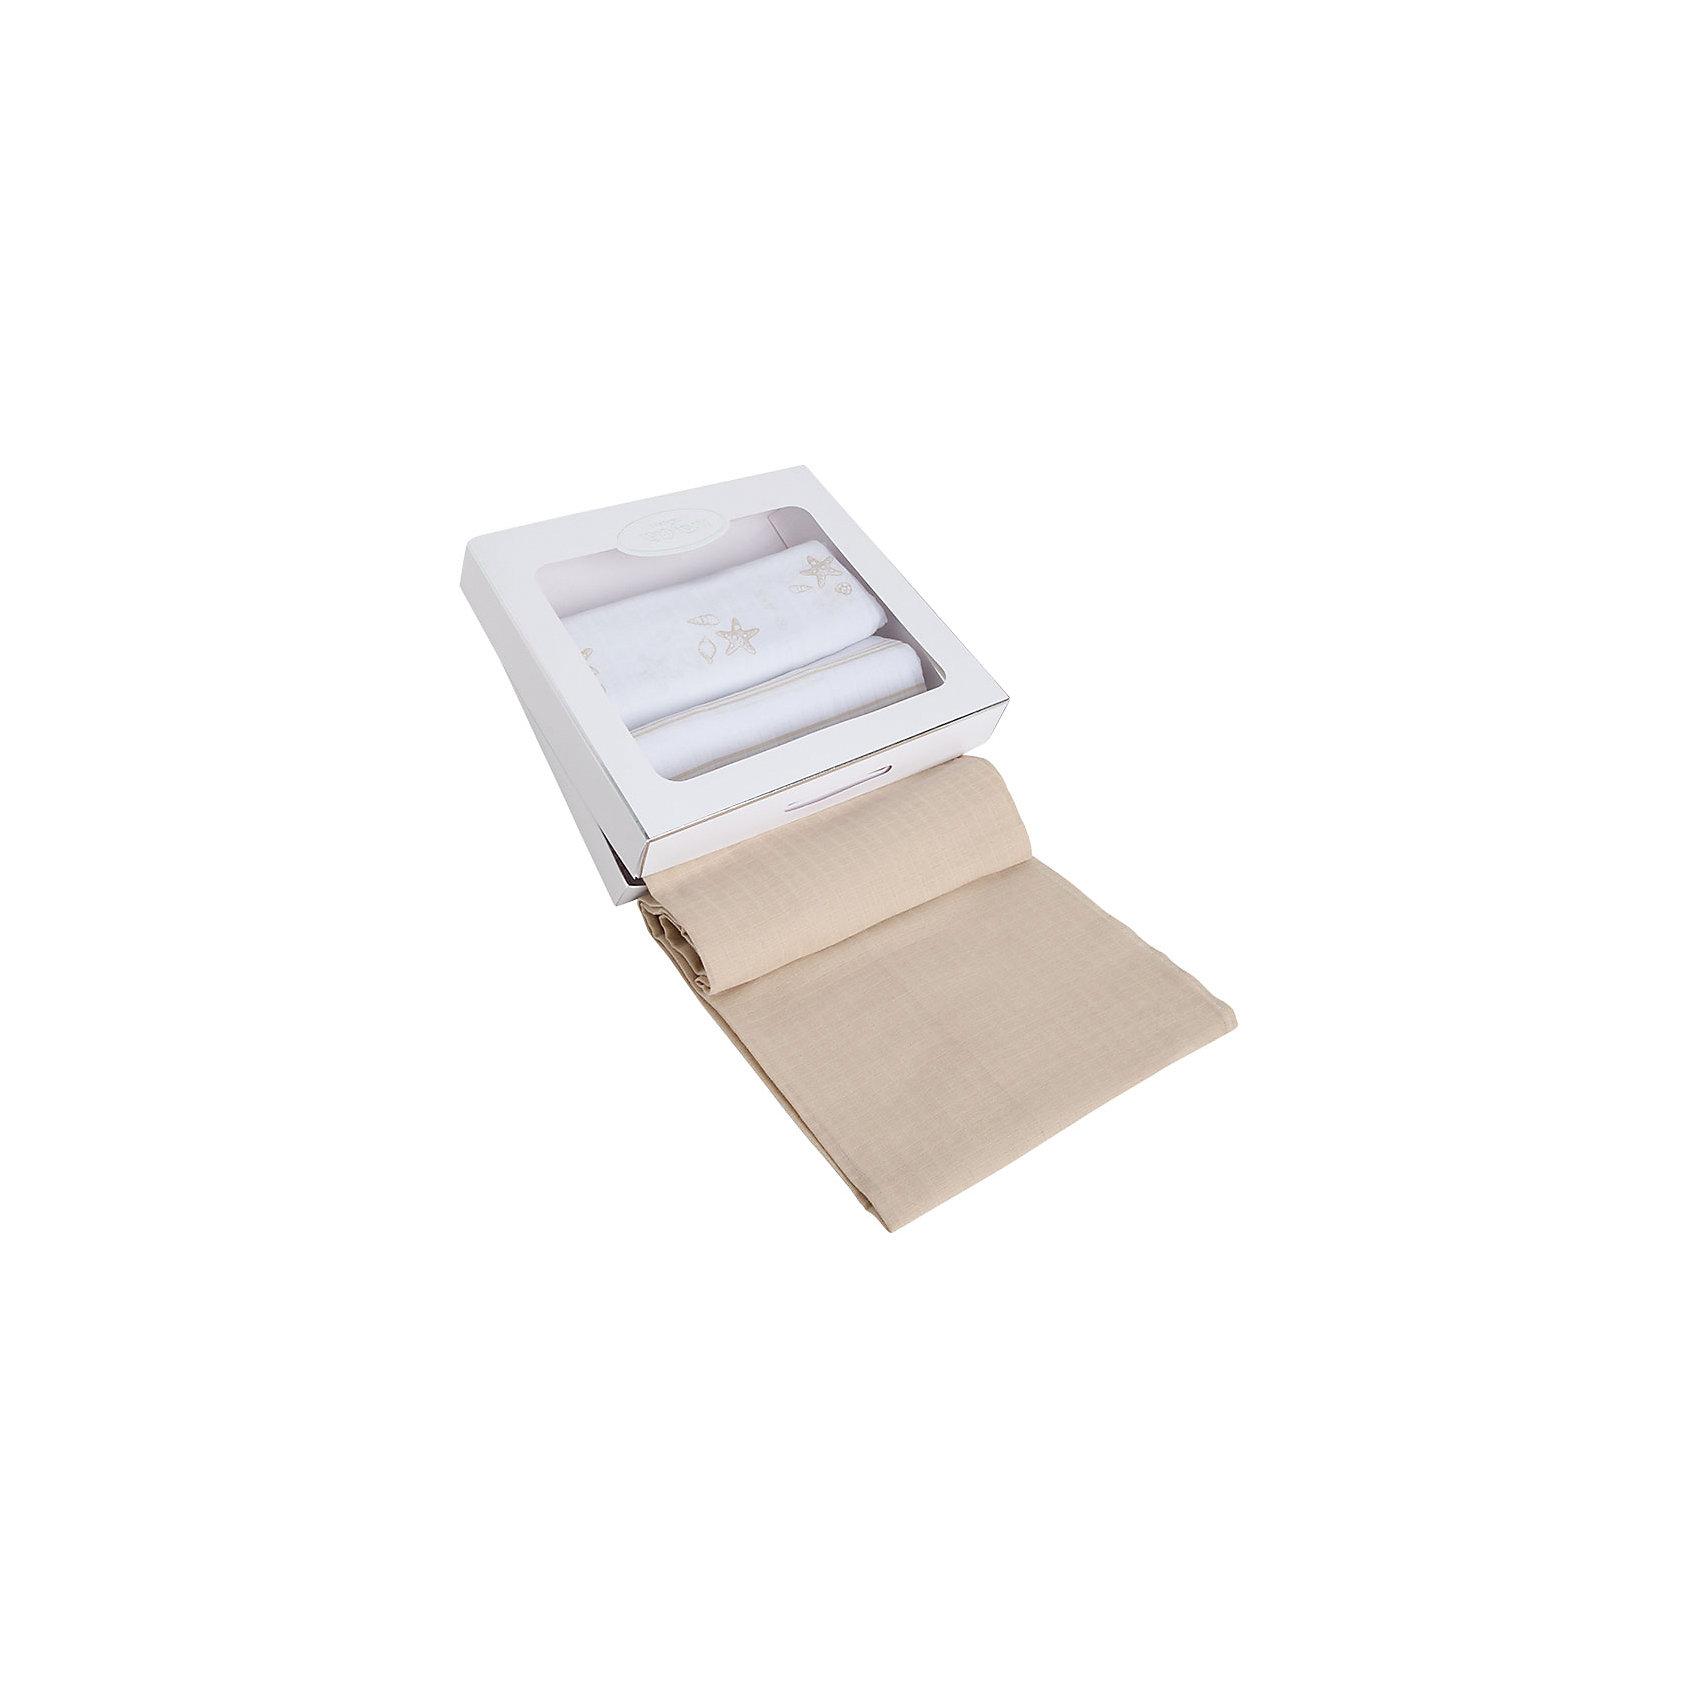 Набор салфеток, 3 шт. MayoralПеленки и полотенца<br>Набор из 3-х салфеток от испанской марки Mayoral.<br><br>Дополнительная информация:<br><br>- Мягкая, приятная к телу ткань. <br>- Красивая подарочная упаковка. <br>- 3 расцветки и дизайна в наборе.<br>- В клетку, однотонная, с нежным принтом. <br>- Состав:  100% хлопок.<br><br>Набор салфетое, 3 шт. Mayoral (Майорал) можно купить в нашем магазине.<br><br>Ширина мм: 170<br>Глубина мм: 157<br>Высота мм: 67<br>Вес г: 117<br>Цвет: бежевый<br>Возраст от месяцев: 60<br>Возраст до месяцев: 120<br>Пол: Унисекс<br>Возраст: Детский<br>Размер: one size<br>SKU: 4539309